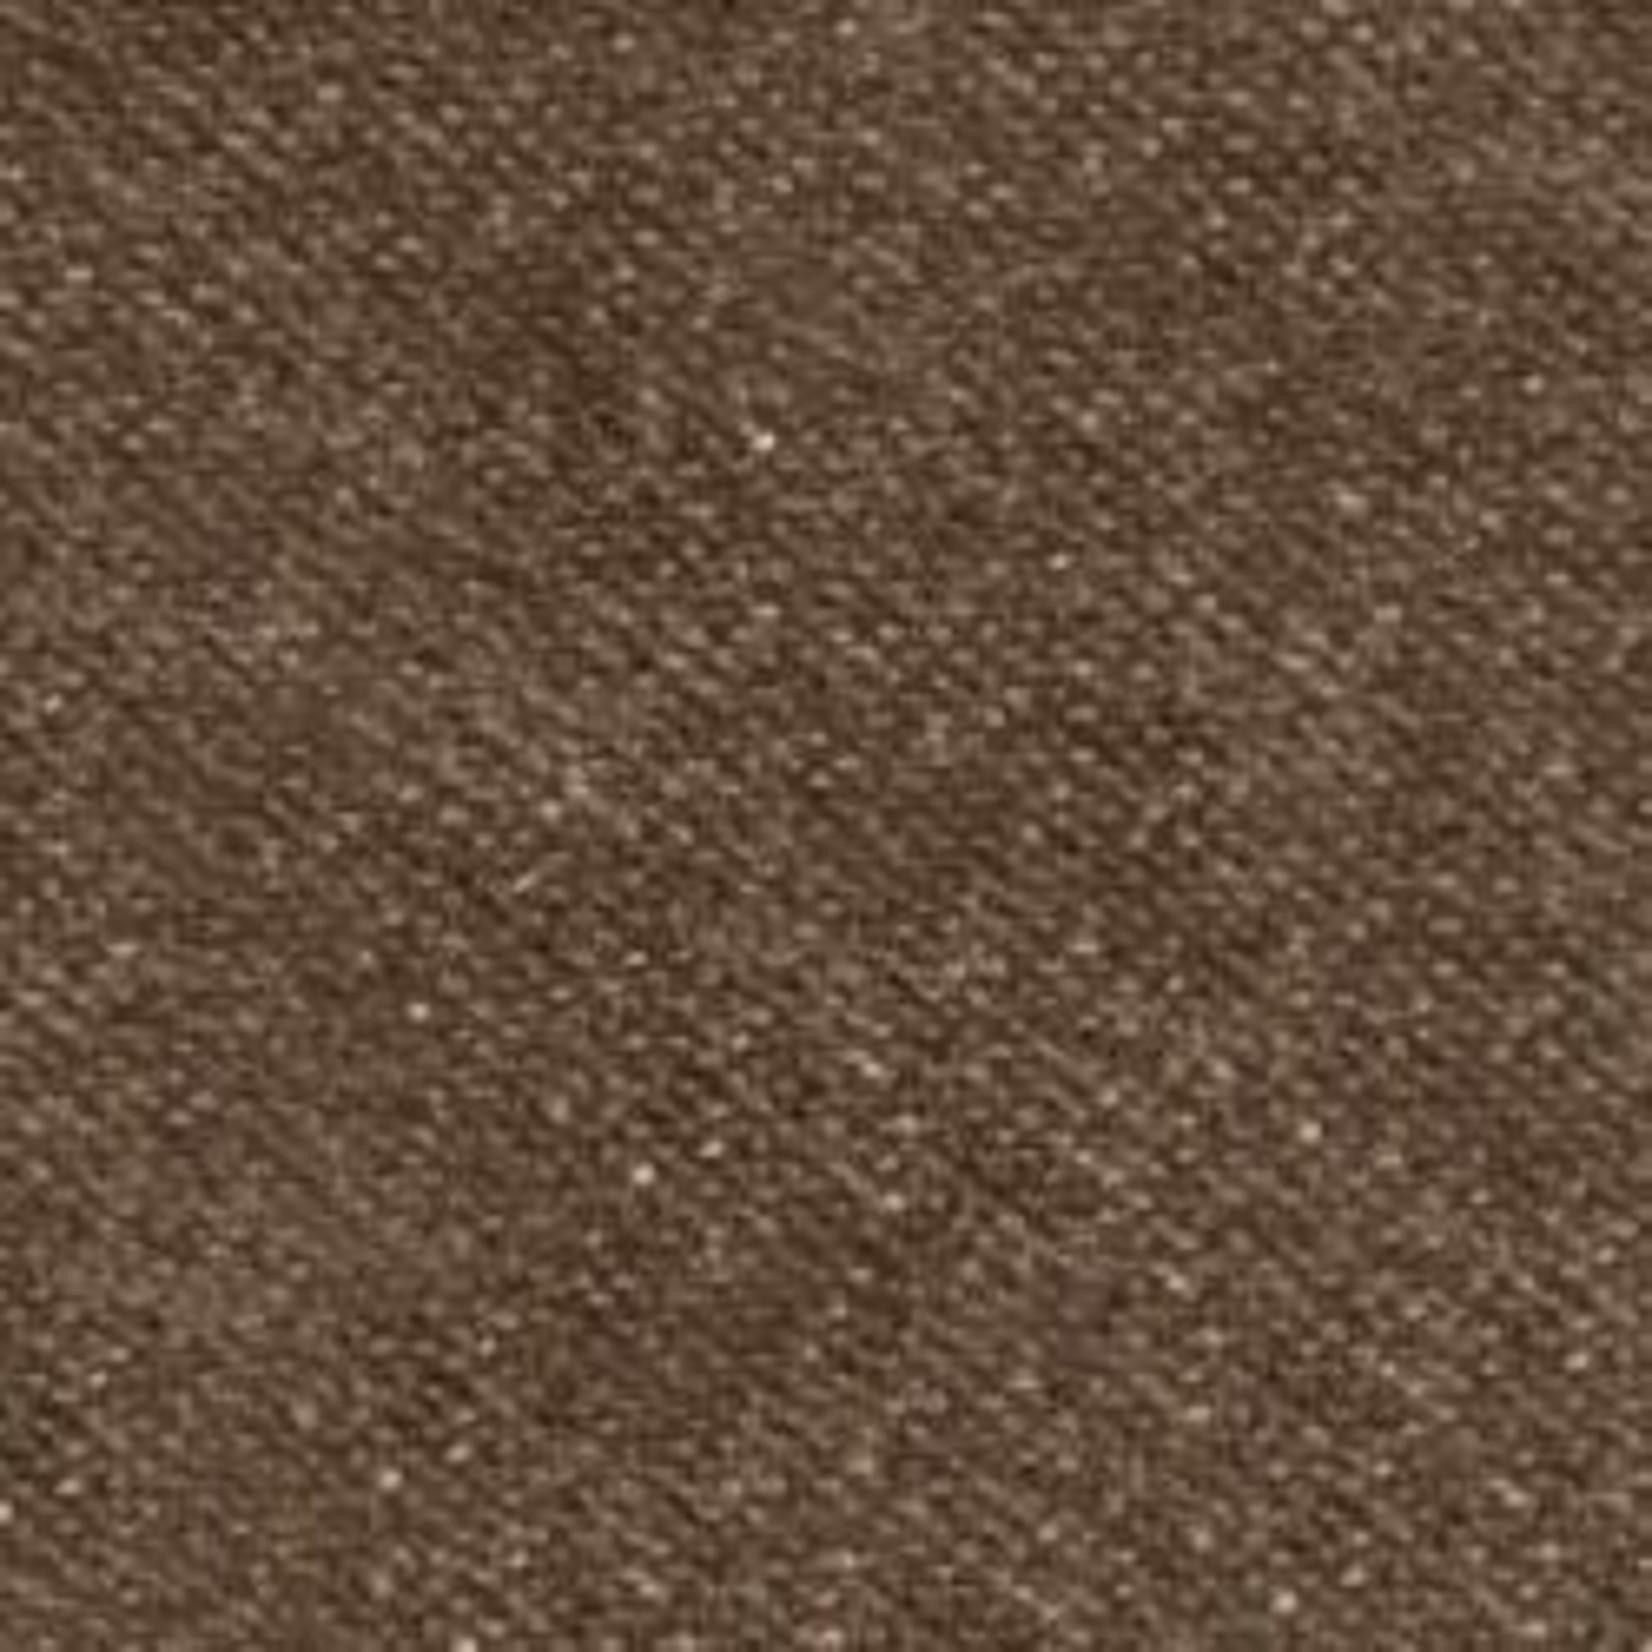 Maywood Flannel Woolies Nubby Tweed Brown  PER CM OR $20/m